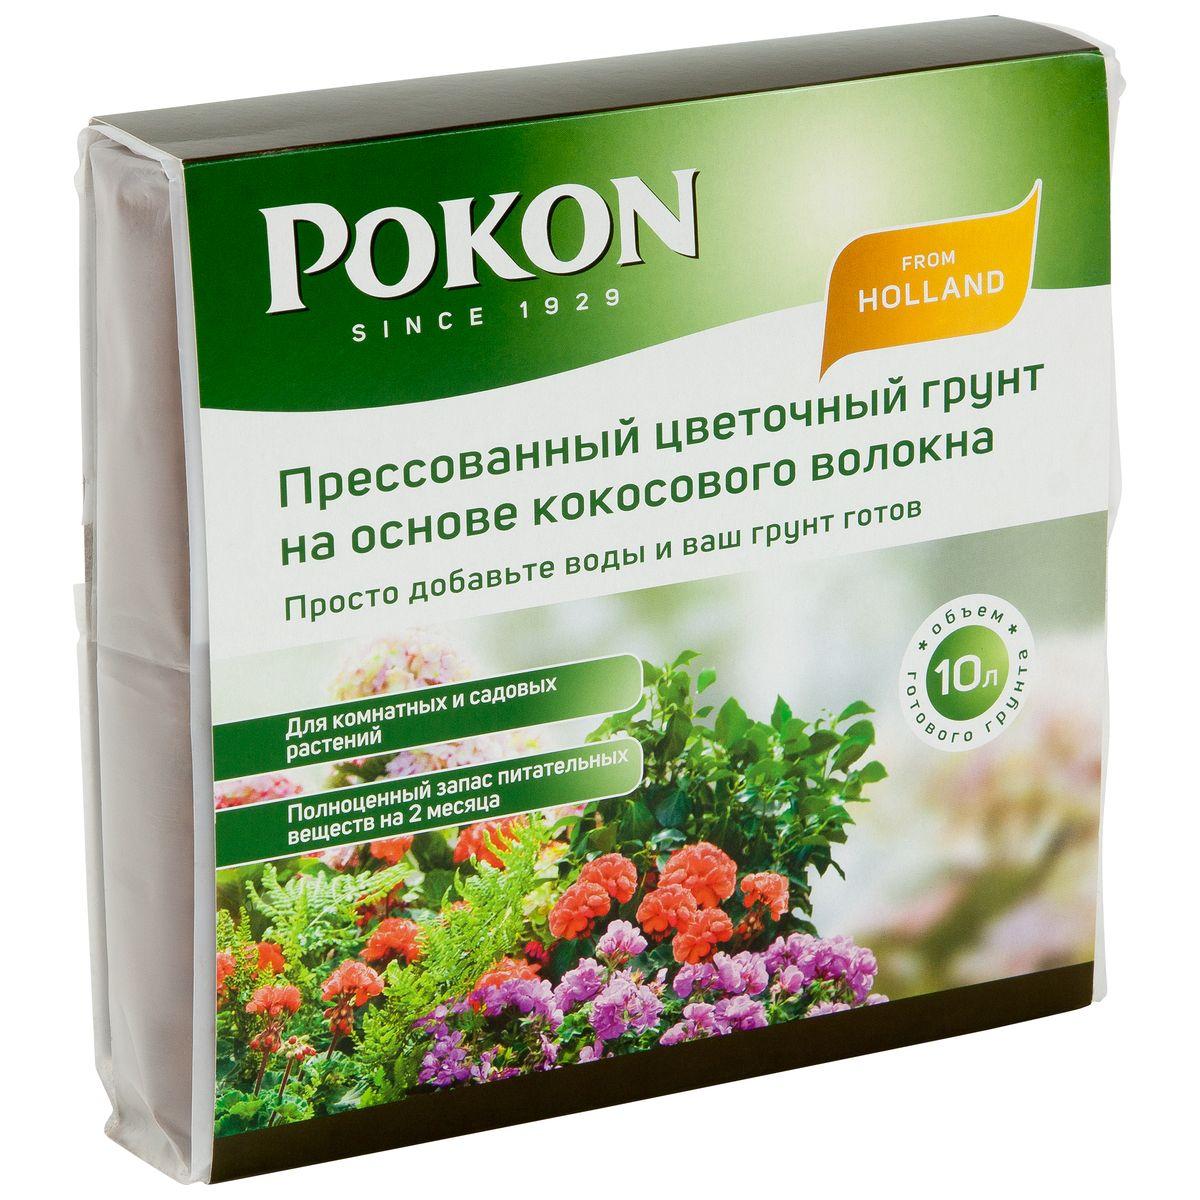 Прессованный цветочный грунт Pokon на основе кокосового волокна, 650 г8711969015951Горшечный грунт Pokon состоит из кокосового волокна. Это на 100% натуральная,экологически чистая прессованная смесь с запасомпитательных веществ для горшечных растений на 2 месяца. В грунте нет никакихсорняков. Он идеален для горшечных растений. Пористаяструктура кокосового волокна, хорошо пропускающая воздух, позволяет корнямбыстро развиваться, а ваши руки всегда остаются чистыми. Инструкция по применению- Откройте упаковку, добавьте 3 л воды. - Через несколько минут грунт готов к использованию.-Положите на дно горшка слой гидрогранул Pokon.- Поверх гидрогранулнасыпьте слой грунта.- Посадите растение в горшок,предварительно увлажнив корни, если они высохли.- Досыпьте грунт, оставивдля полива не менее 2 см до верха горшка.- Слегкаутрамбуйте грунт.- Обильно полейте.Состав:Размягчаемая вводе прессованная масса из компостированного волокна мягкихчастей скорлупы кокоса c добавлением удобрения (NPK 20 + 20 + 20). Грунт соответствует нормам ЕС.